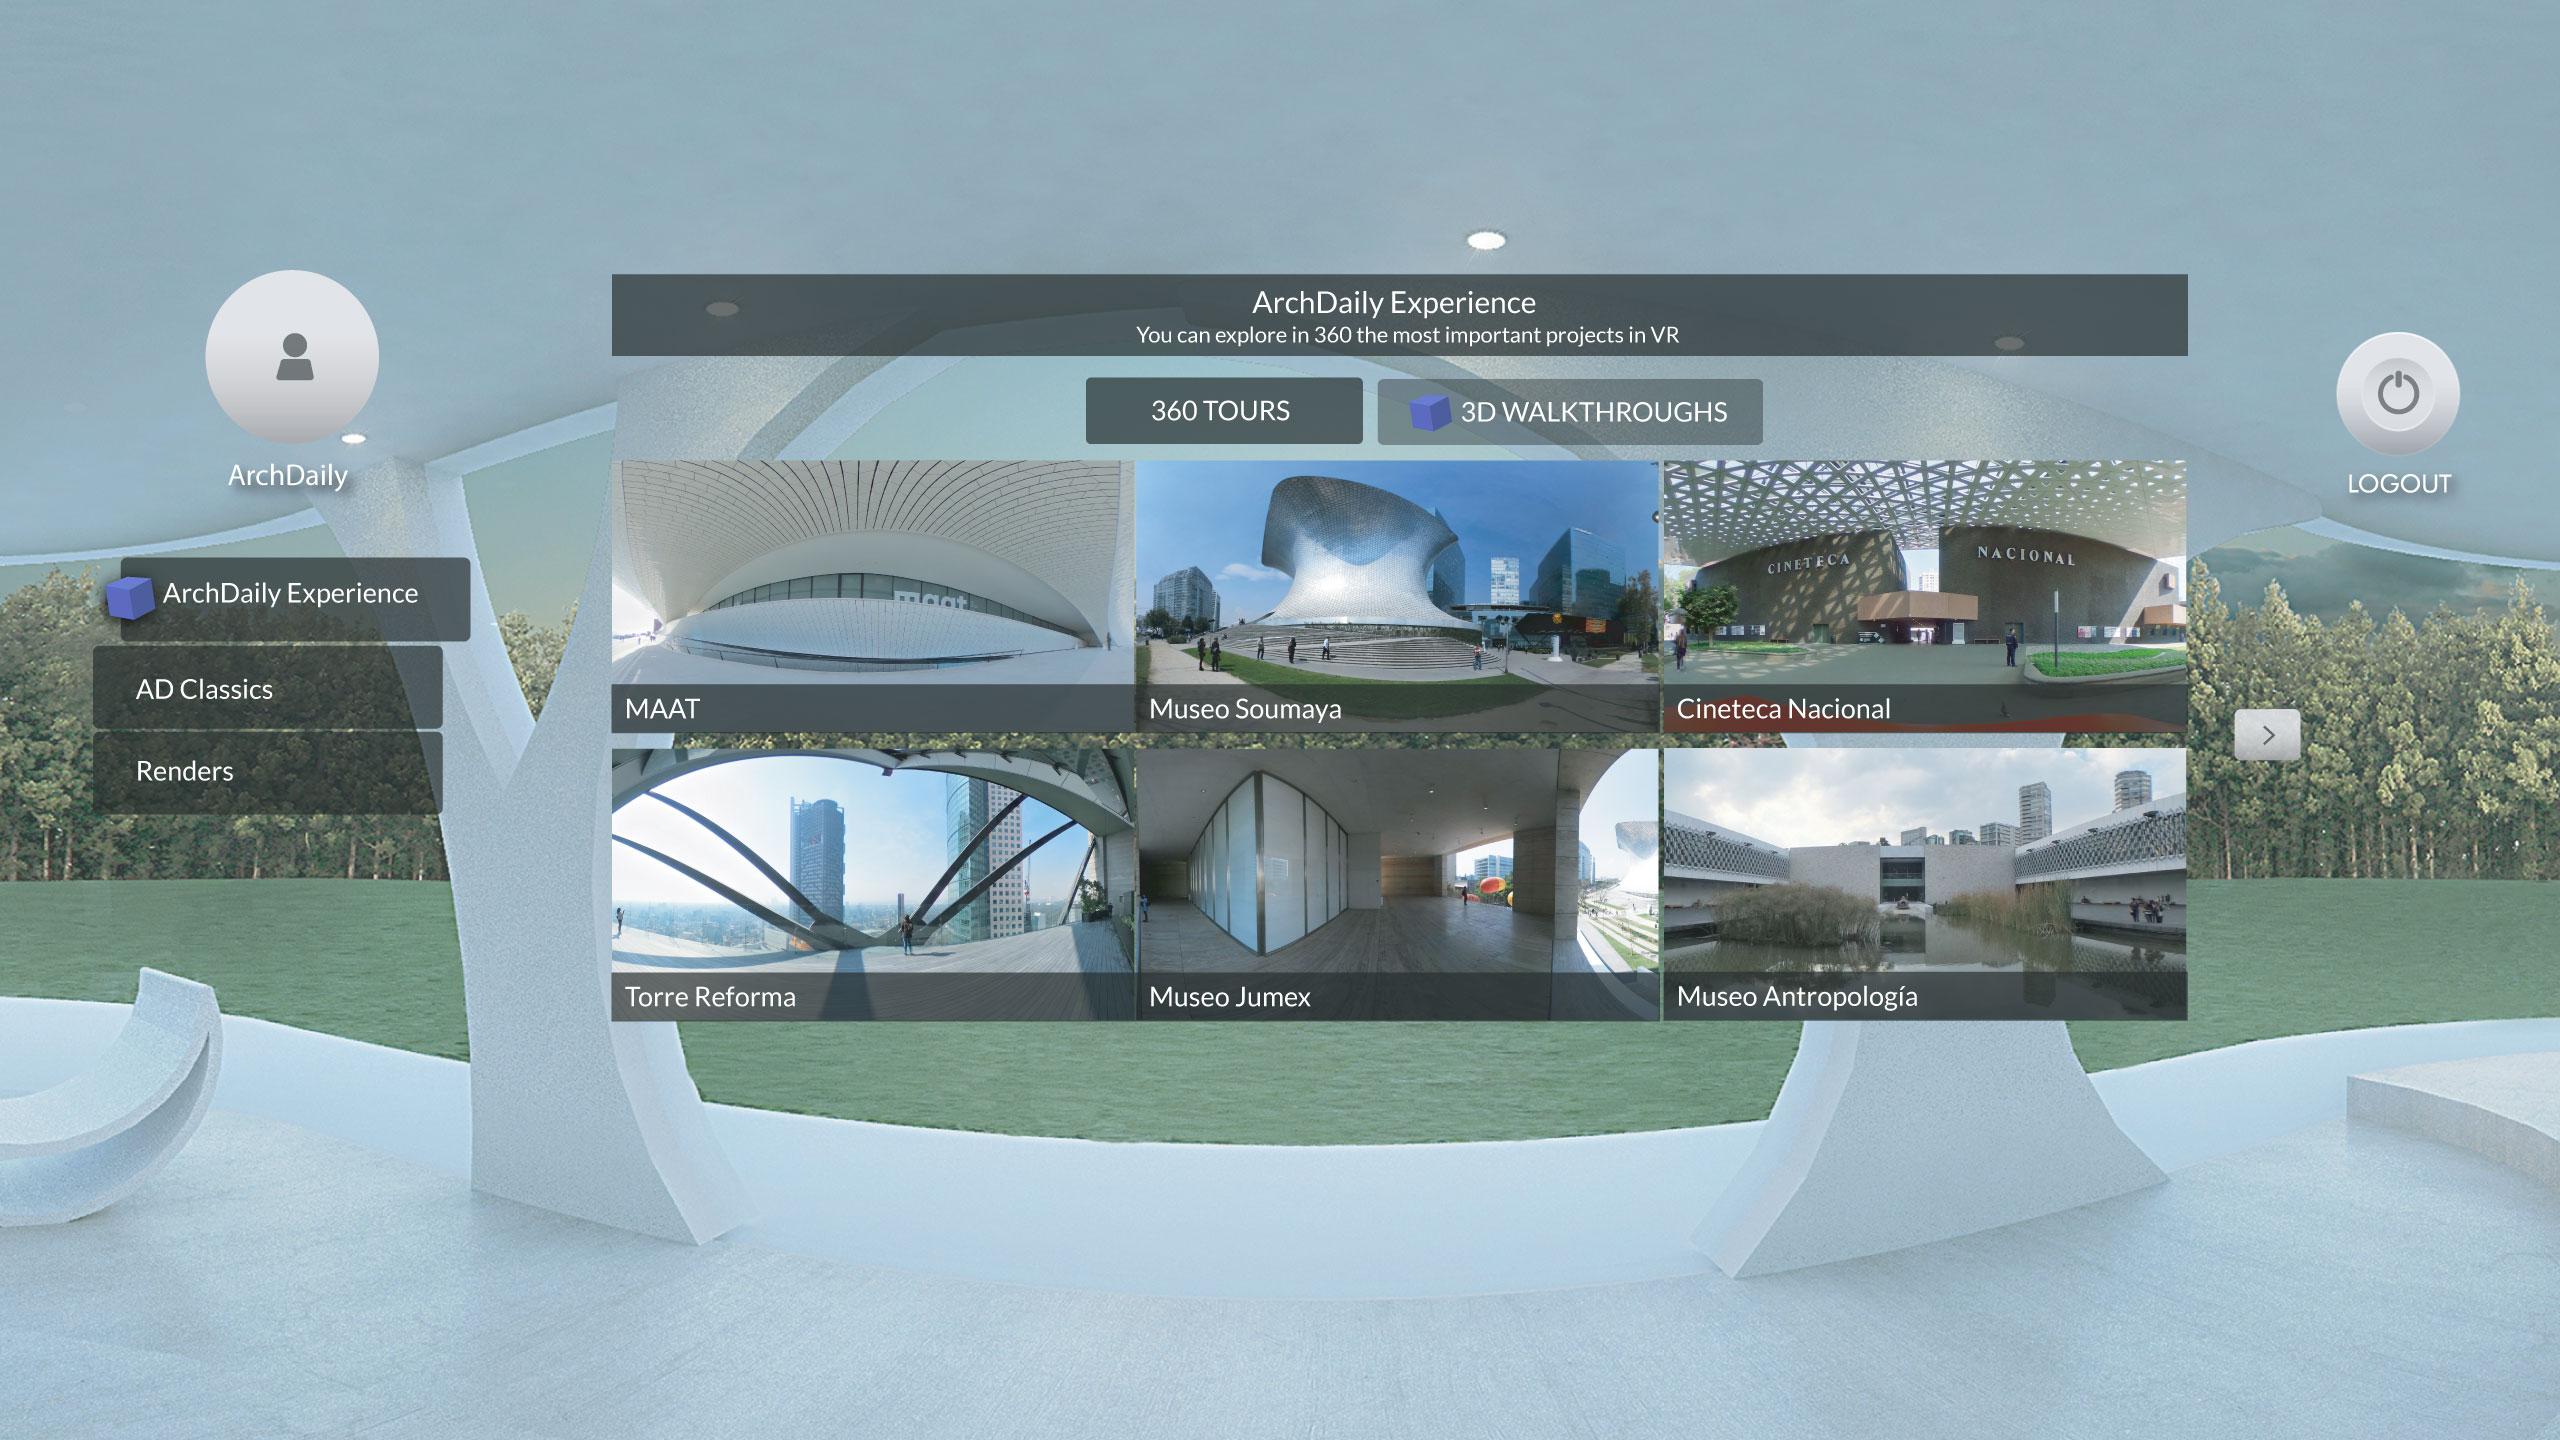 Menu para seleccionar proyectos, tours 360 y recorridos en 3D cargados